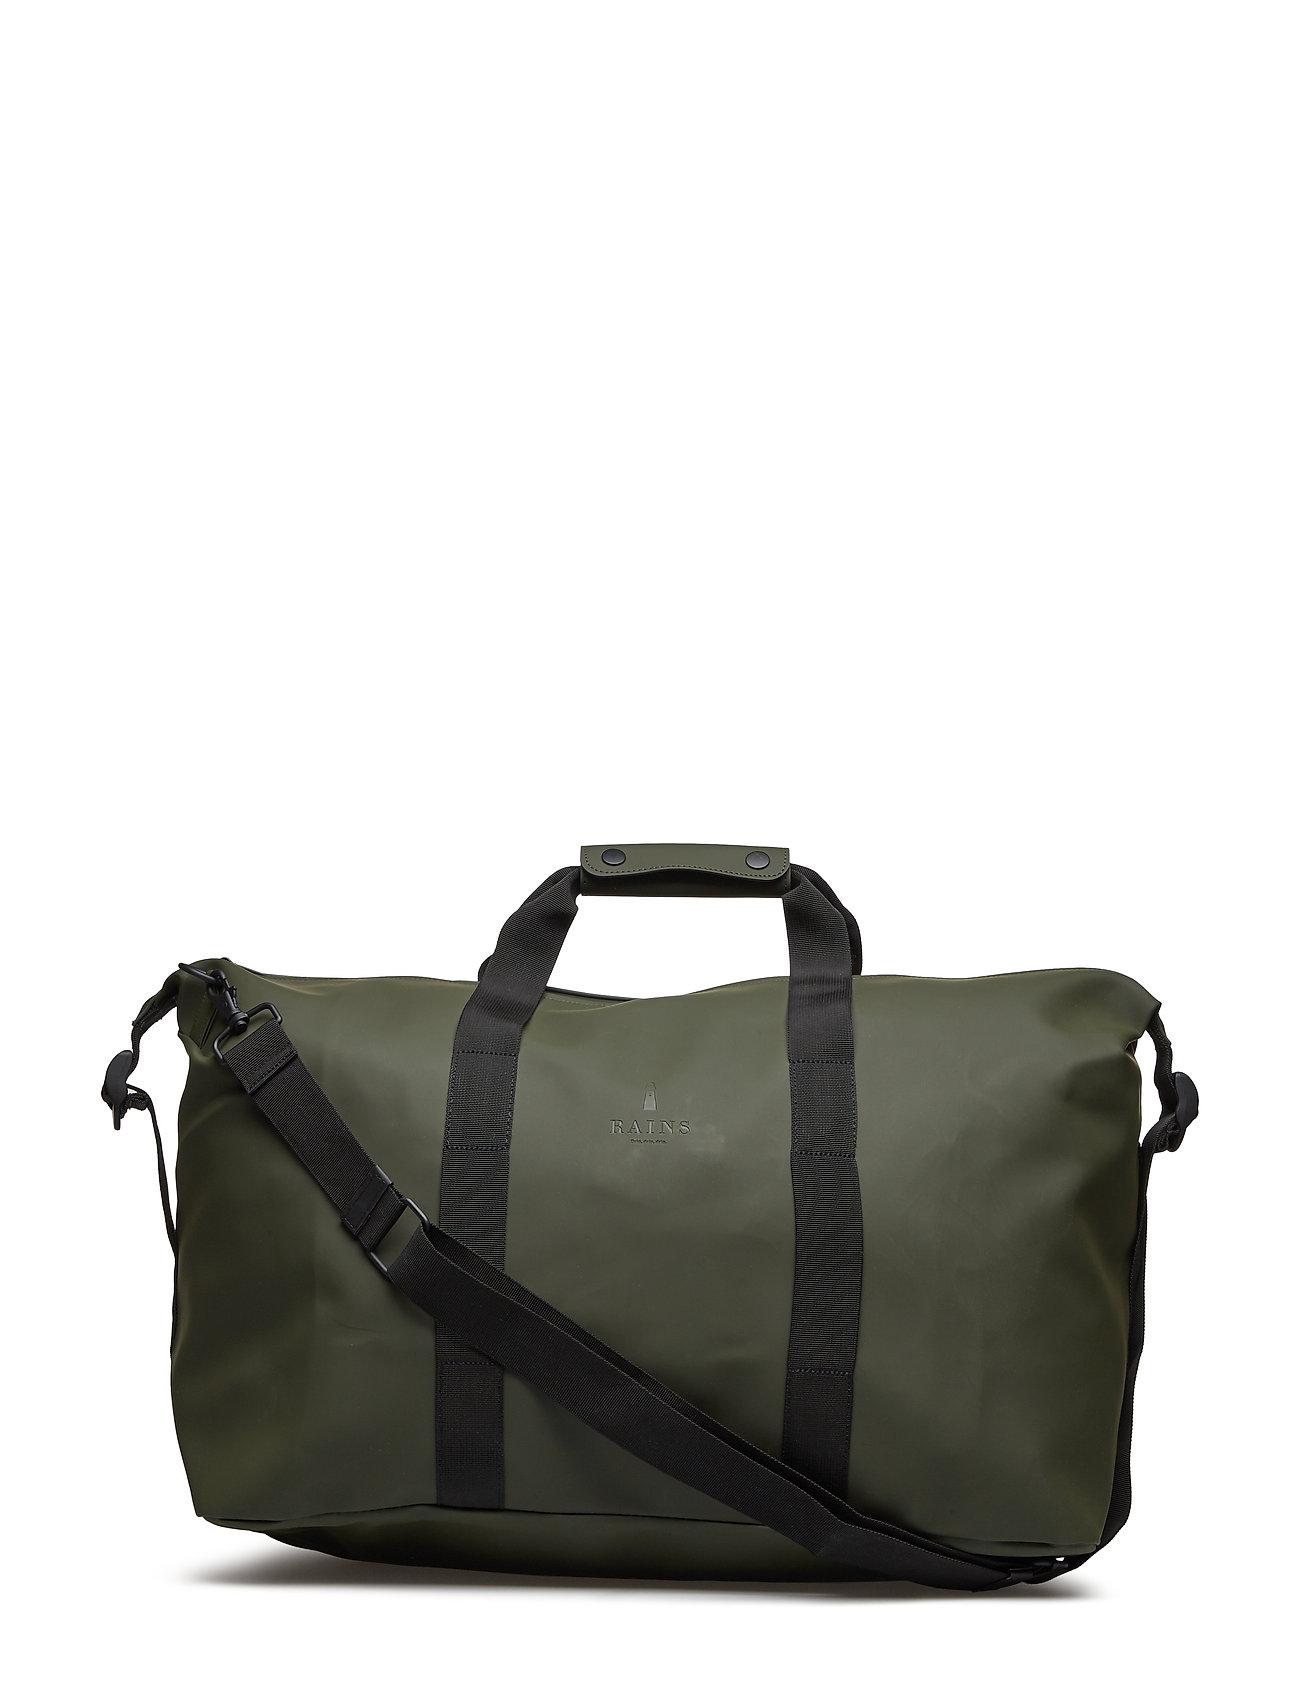 Weekend Bag Bags Weekend & Gym Bags Grøn Rains